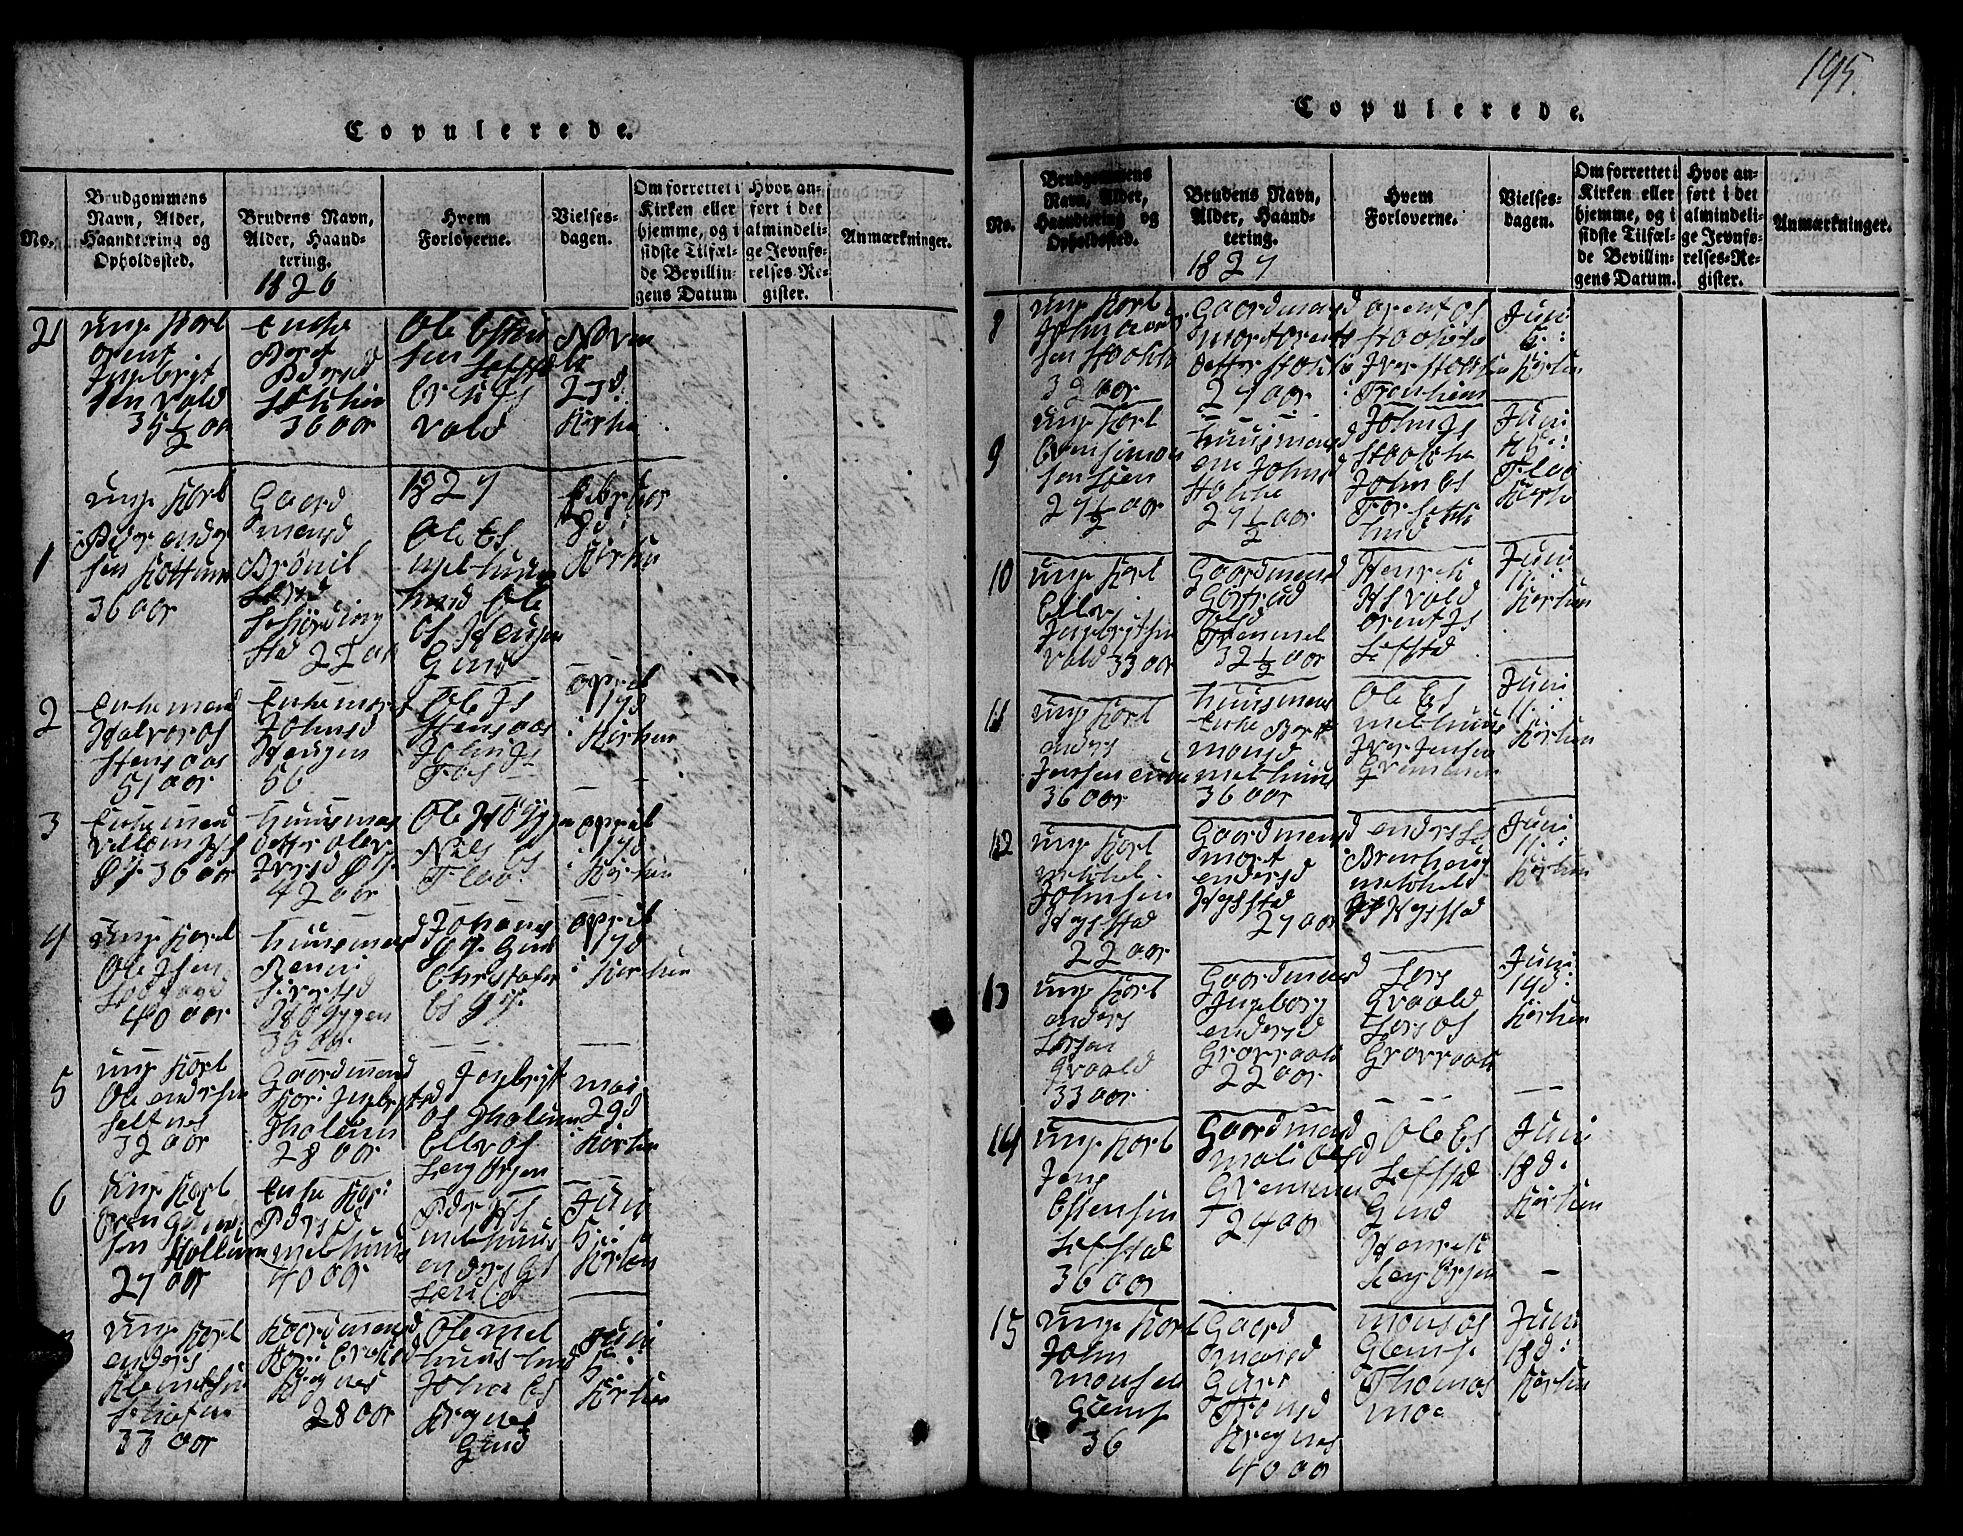 SAT, Ministerialprotokoller, klokkerbøker og fødselsregistre - Sør-Trøndelag, 691/L1092: Klokkerbok nr. 691C03, 1816-1852, s. 195